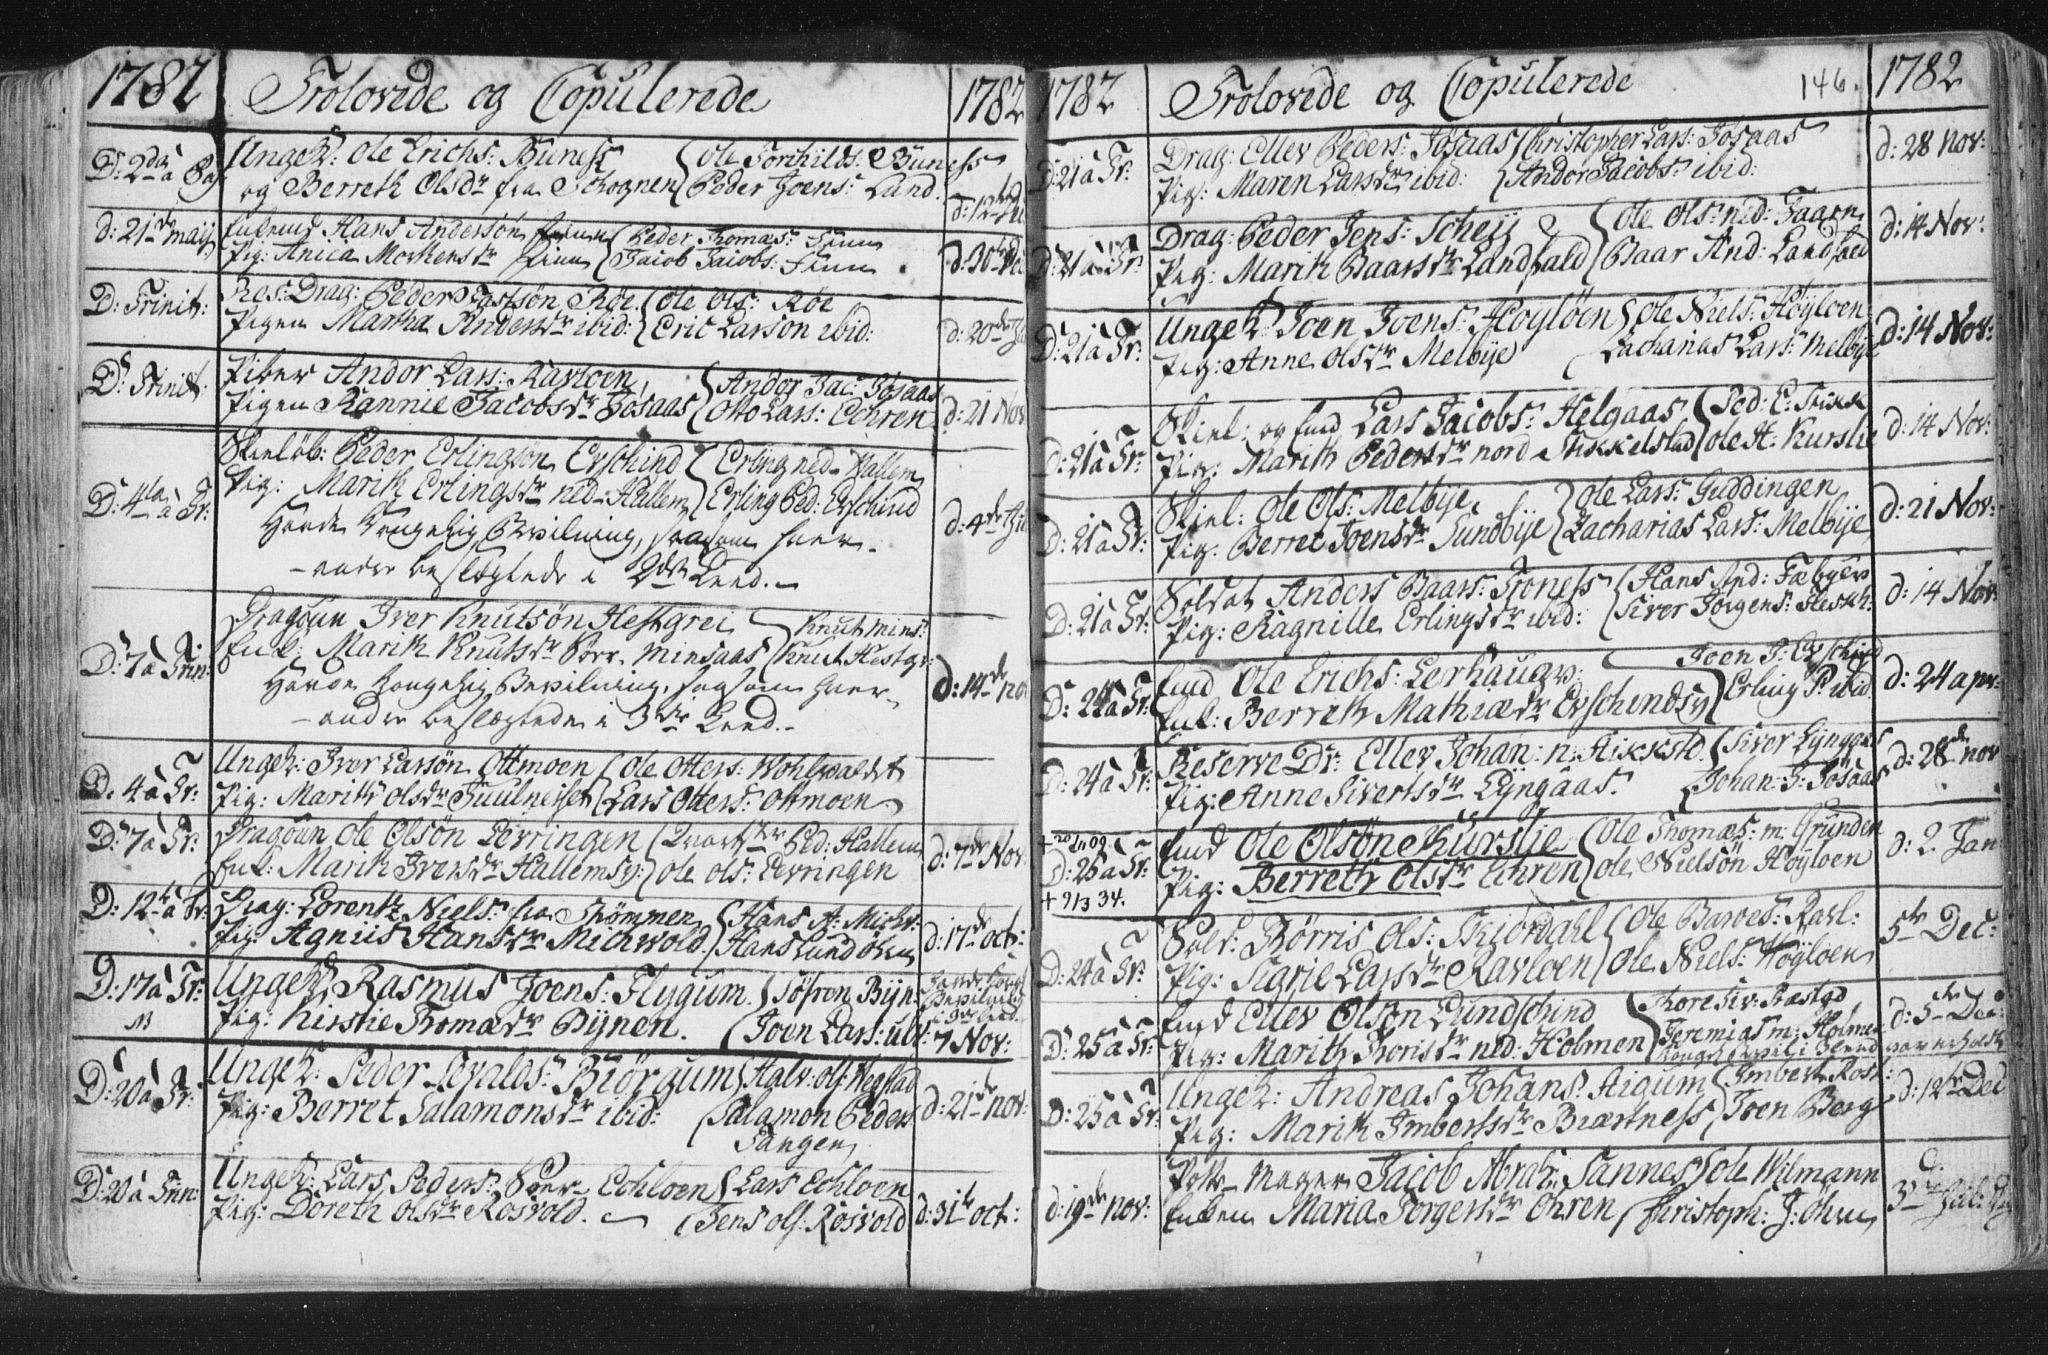 SAT, Ministerialprotokoller, klokkerbøker og fødselsregistre - Nord-Trøndelag, 723/L0232: Ministerialbok nr. 723A03, 1781-1804, s. 146